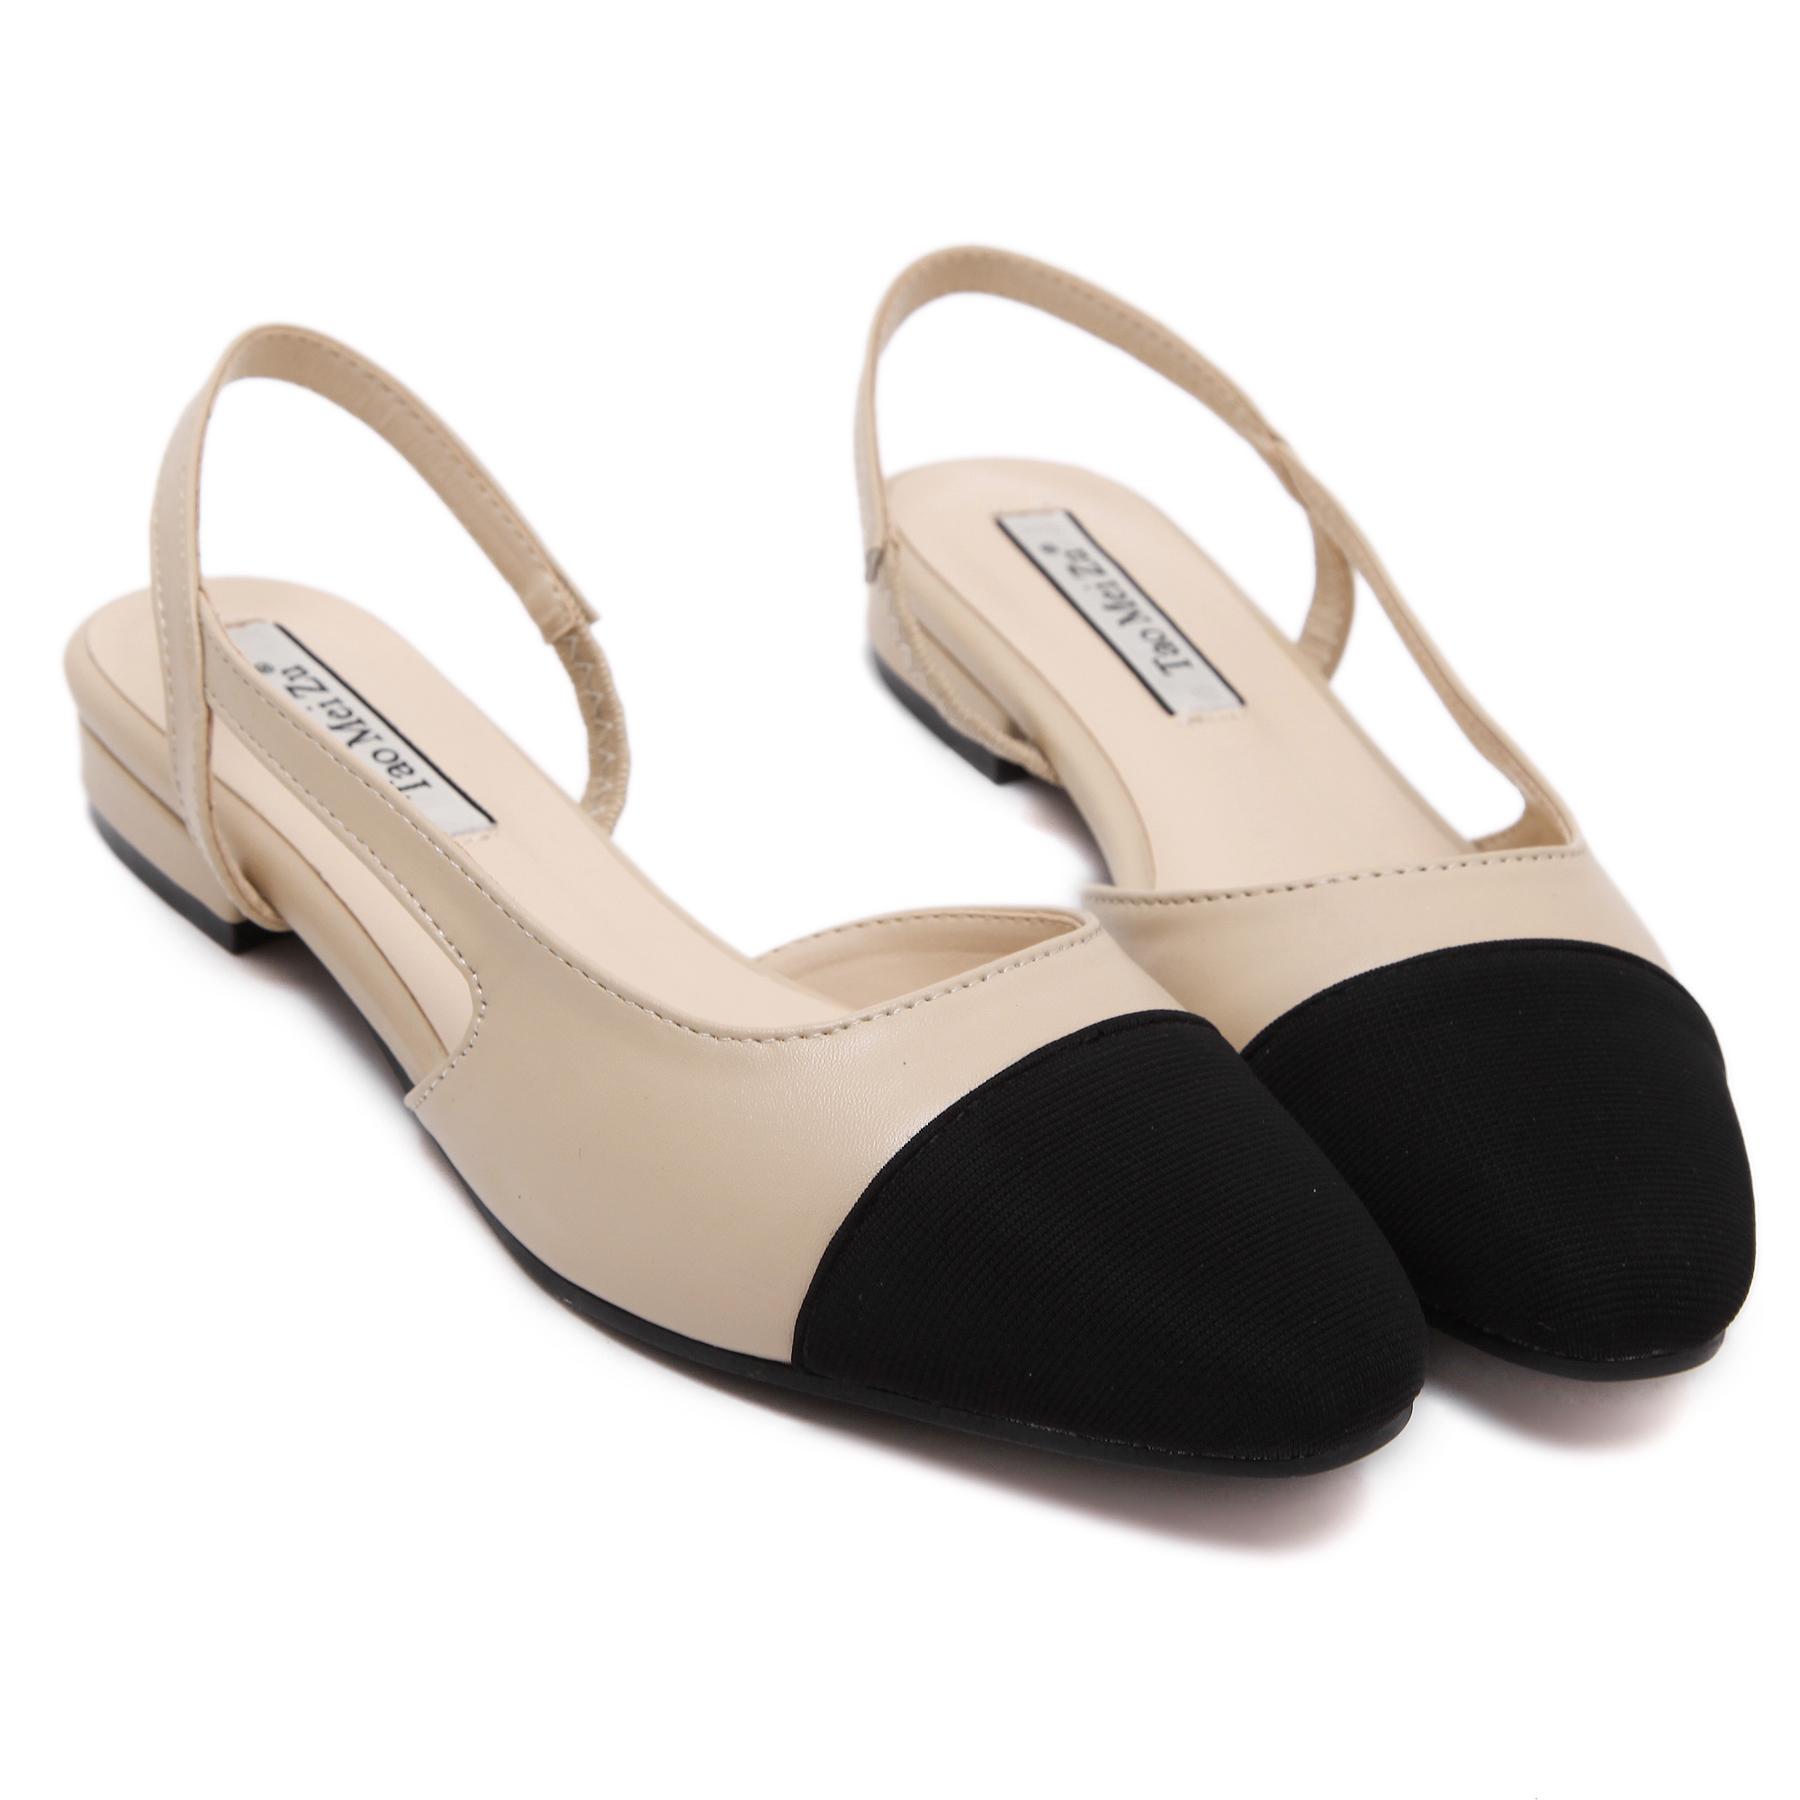 韩版女鞋真皮低跟欧美平跟双色鞋女包头凉鞋粗跟拼色小香风平底鞋